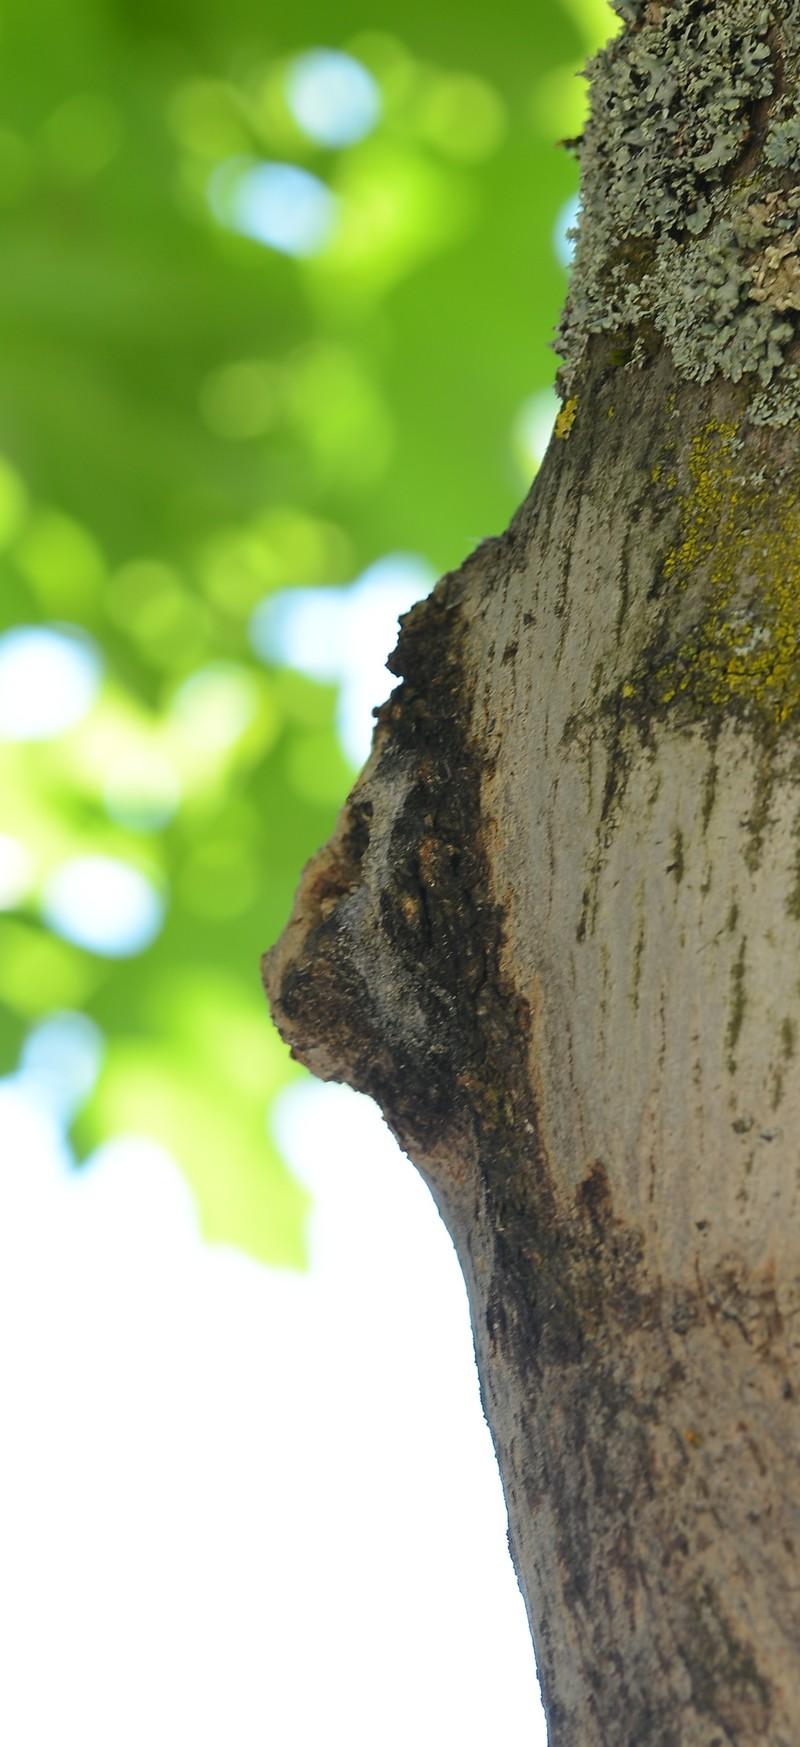 étrange nature - Page 2 134933017